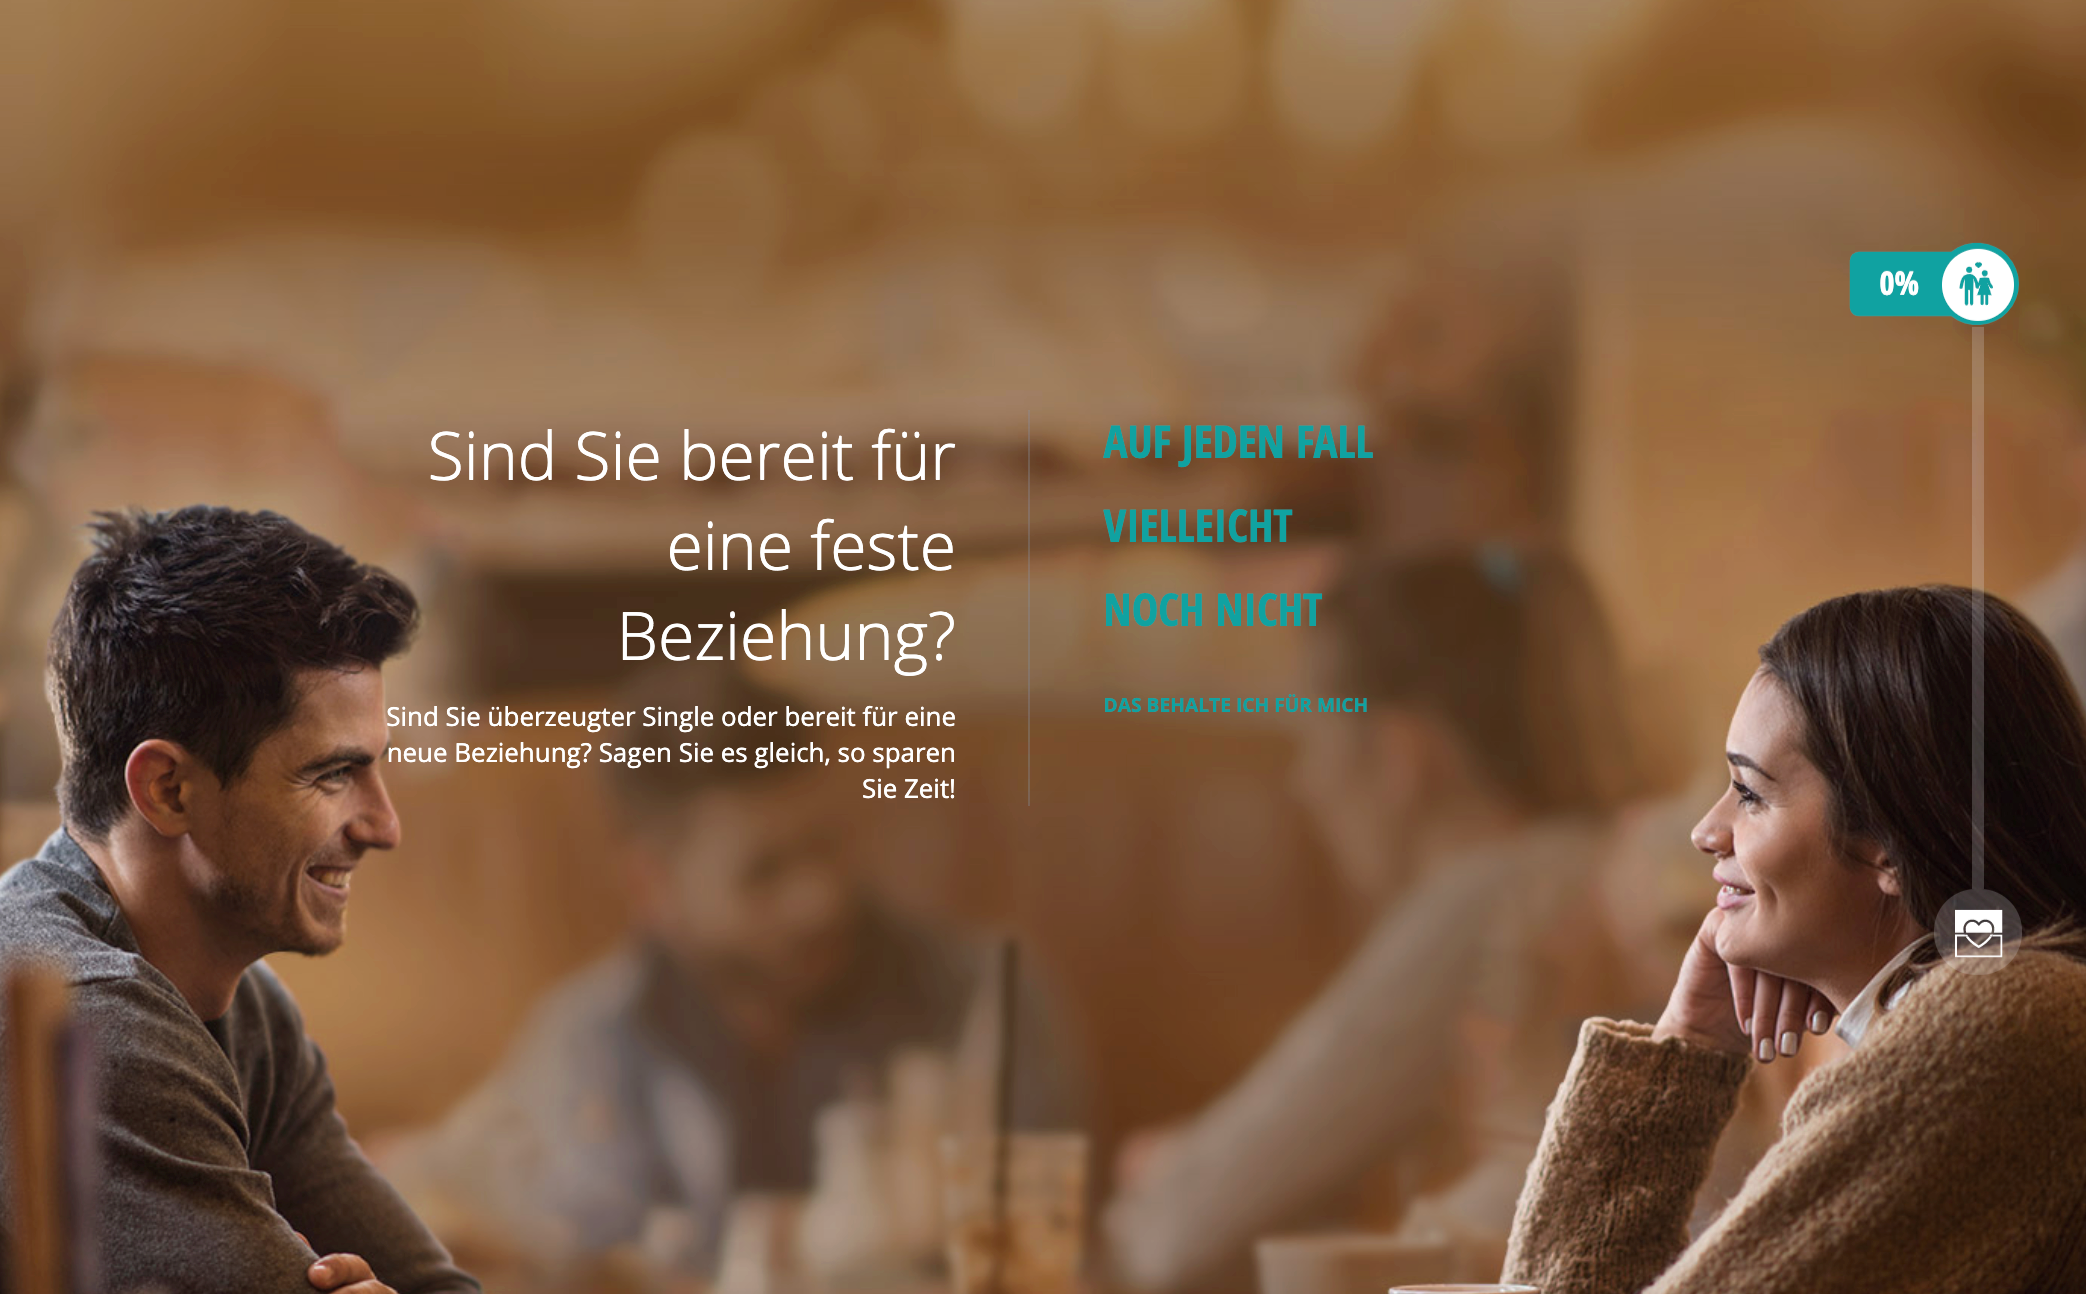 schulersrest.com im Test 2020 - Abzocke oder echte Dates? - ZU-ZWEIT